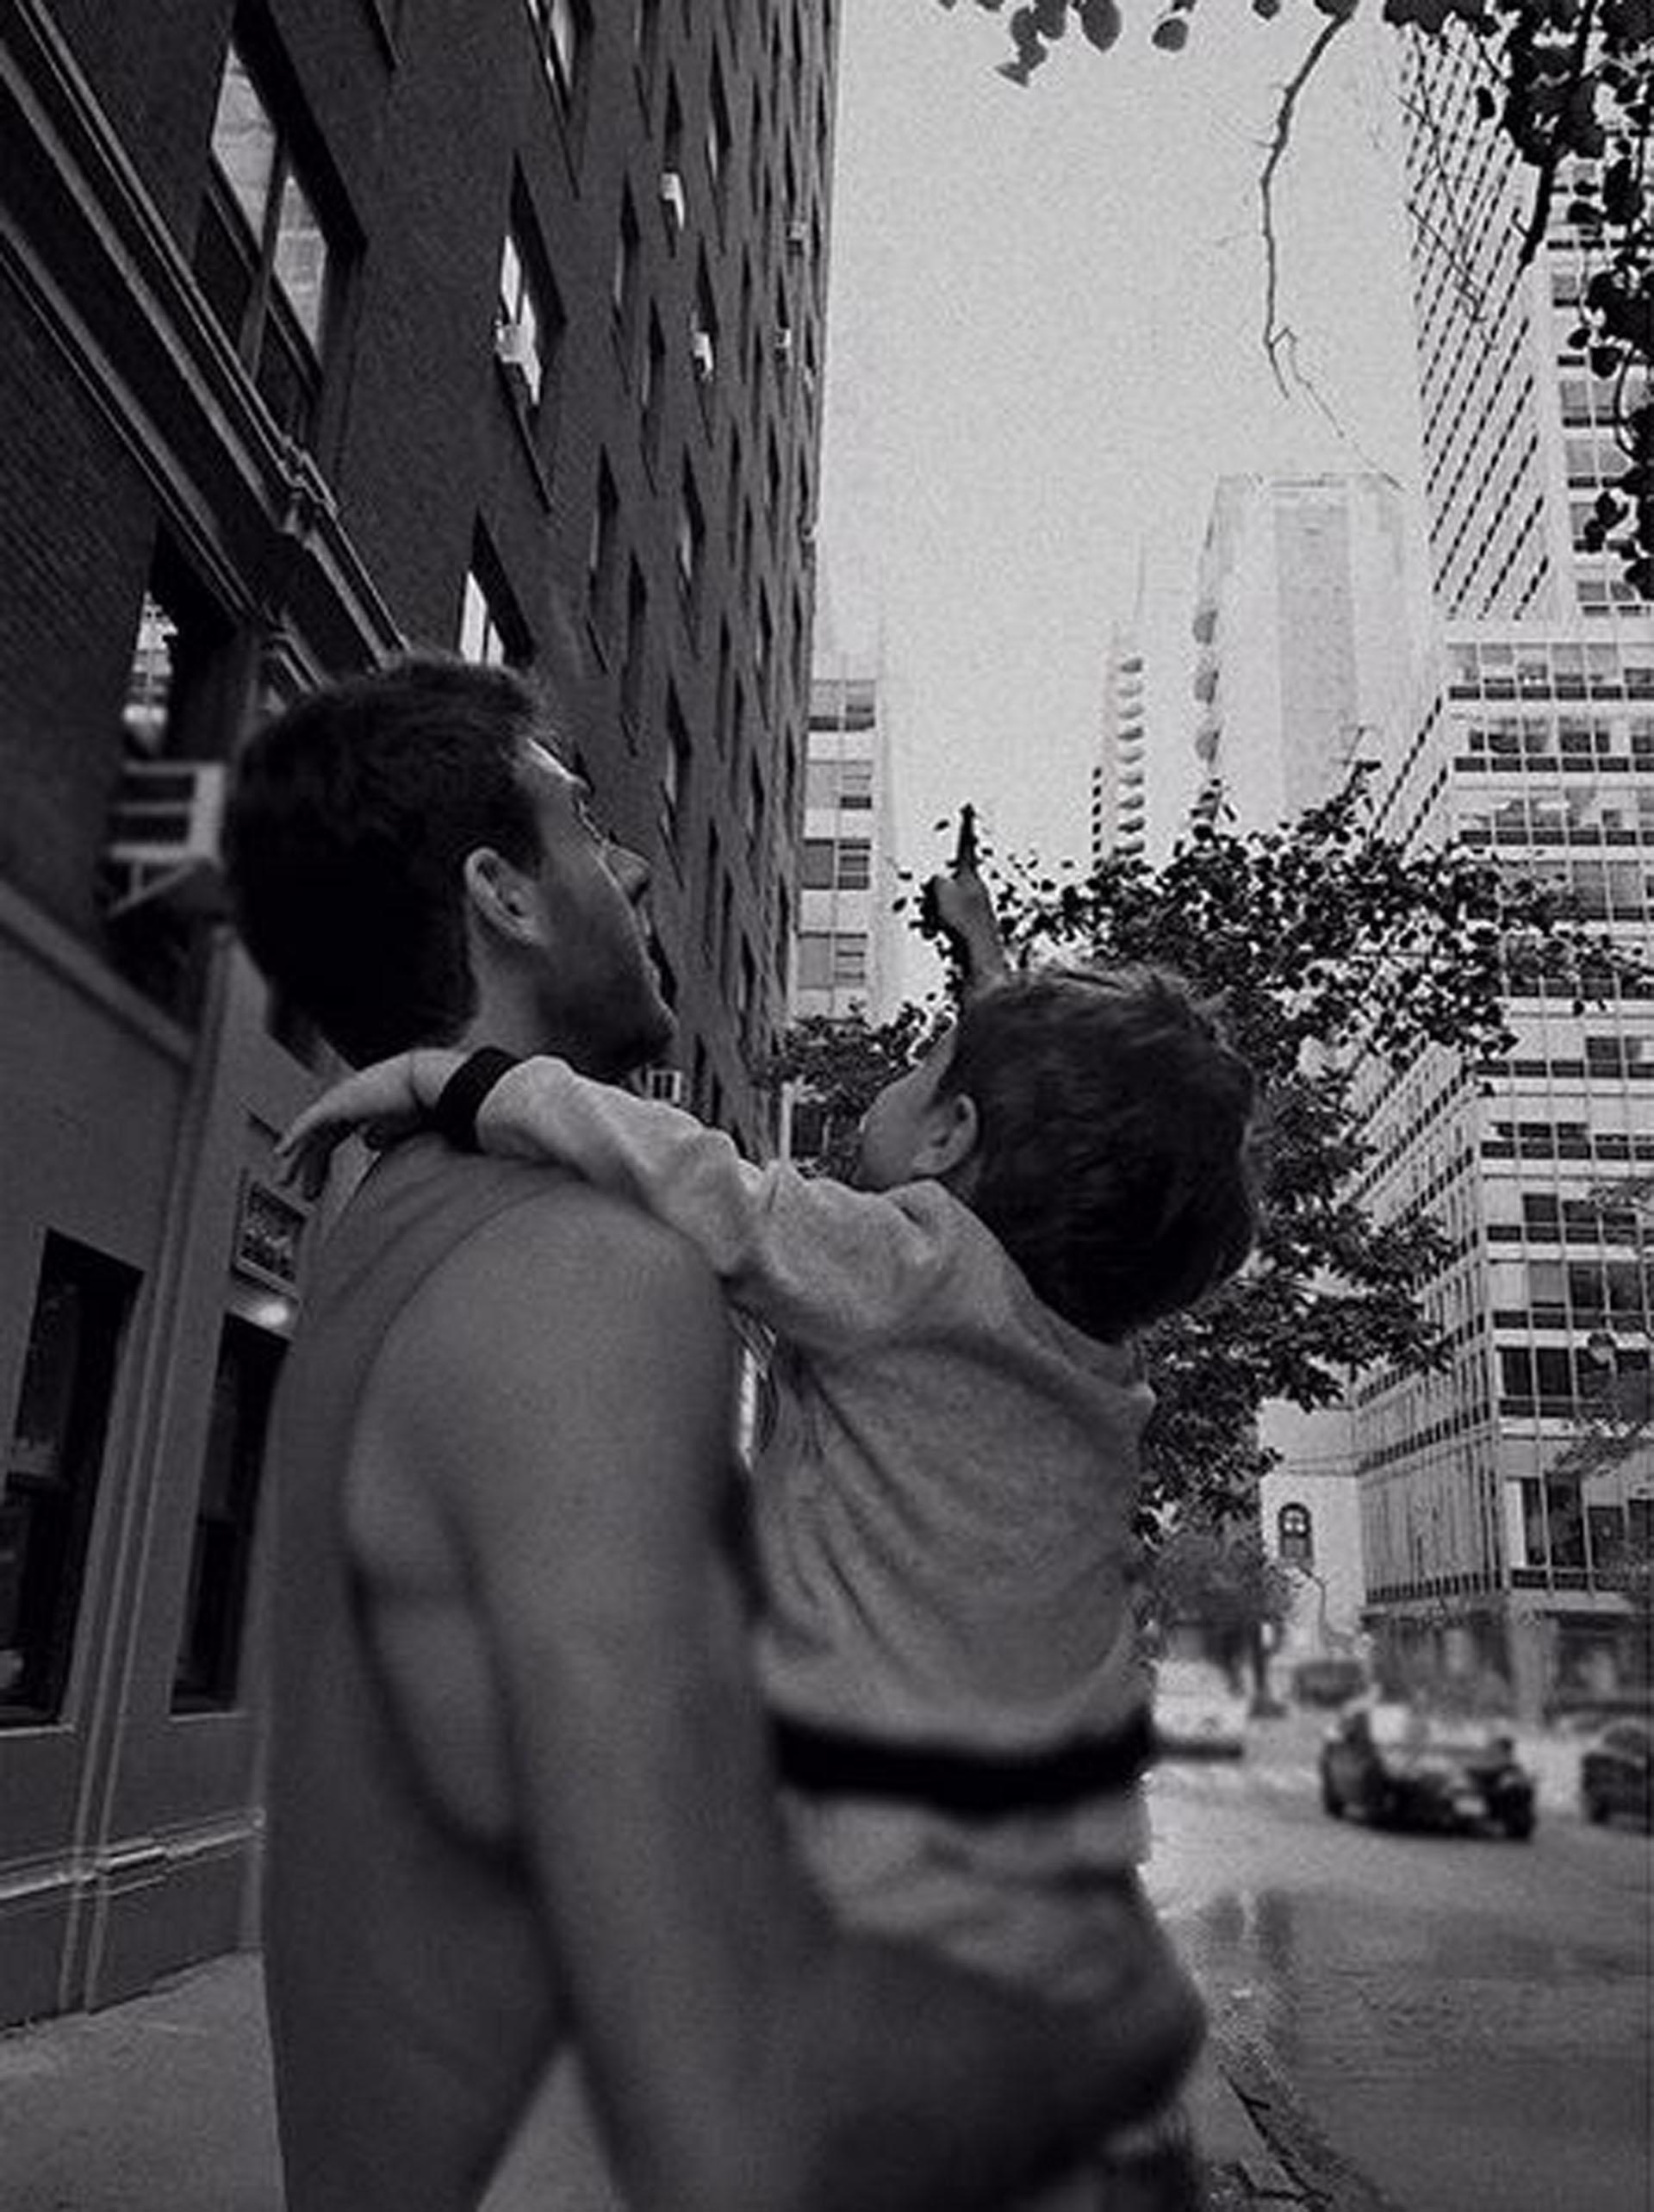 """Muy enamorada, Jimena Barón publico una foto de su hijo, Morrison, en brazos de su pareja, Juan Martín del Potro en los Estados Unidos: """"No me alcanzaría el universo entero para mostrarles hasta dónde amo a estos dos hombres"""""""